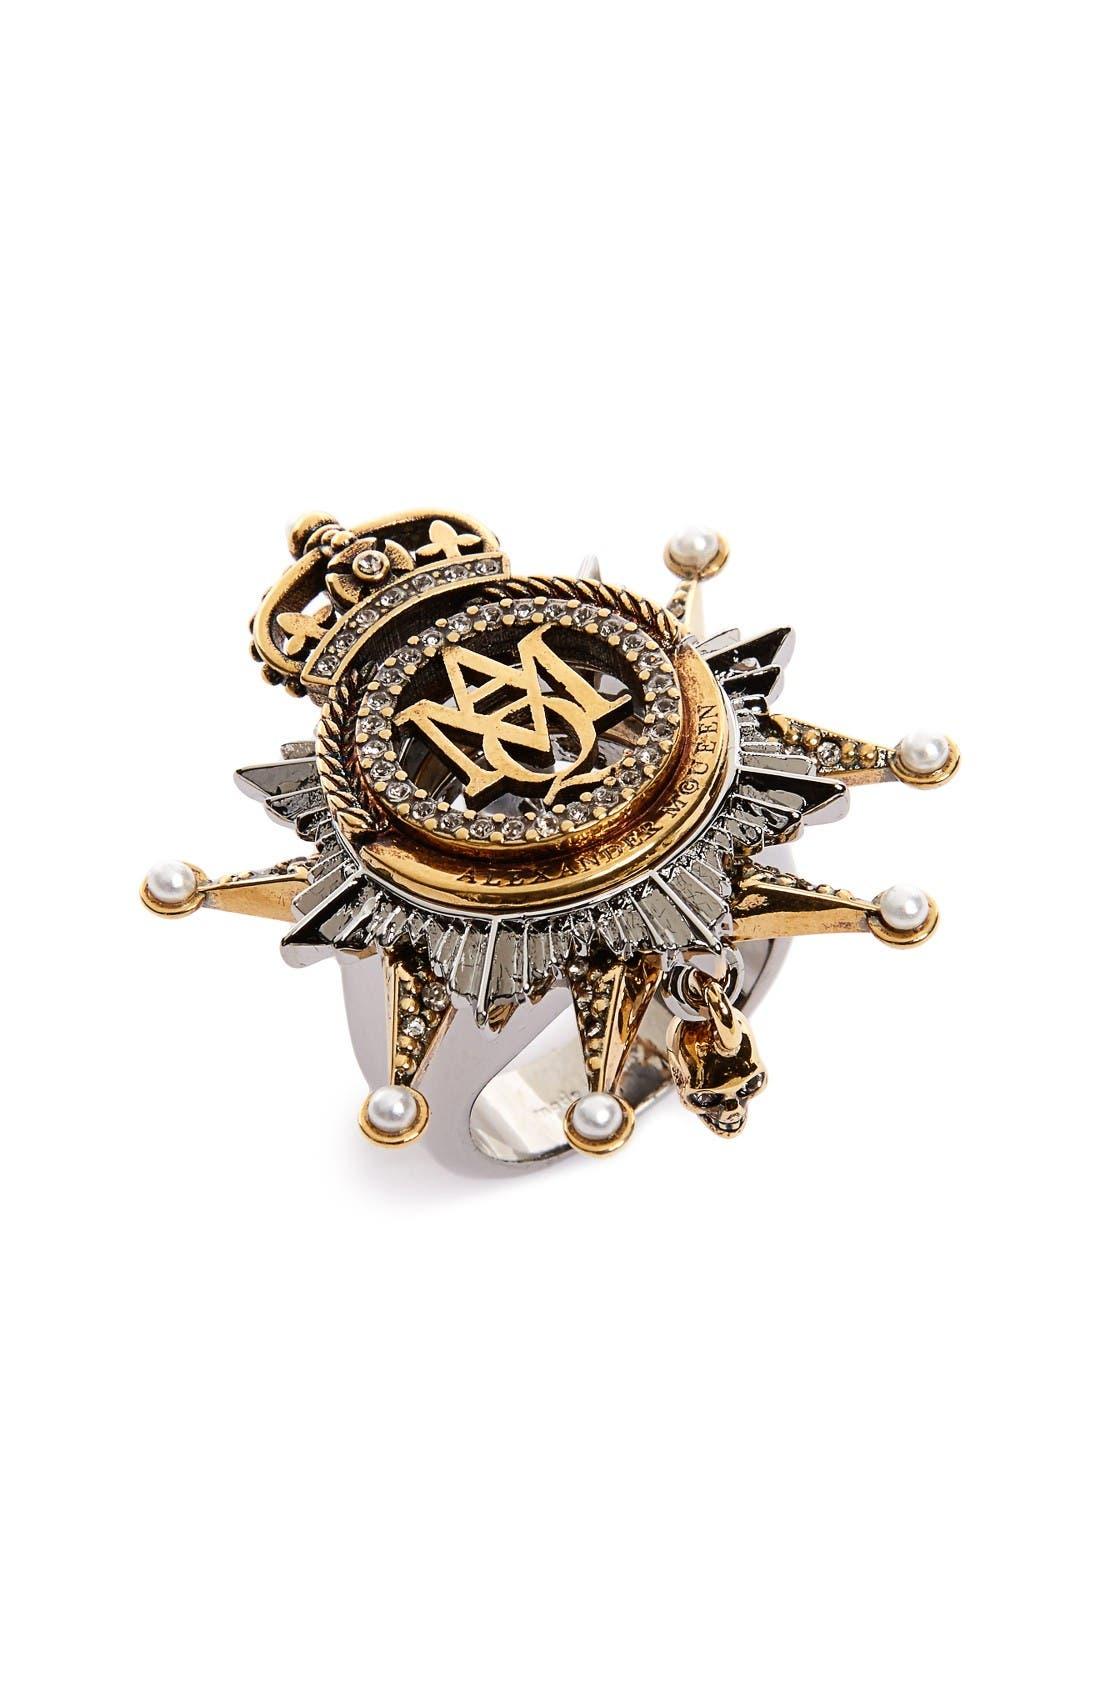 ALEXANDER MCQUEEN Medallion Ring